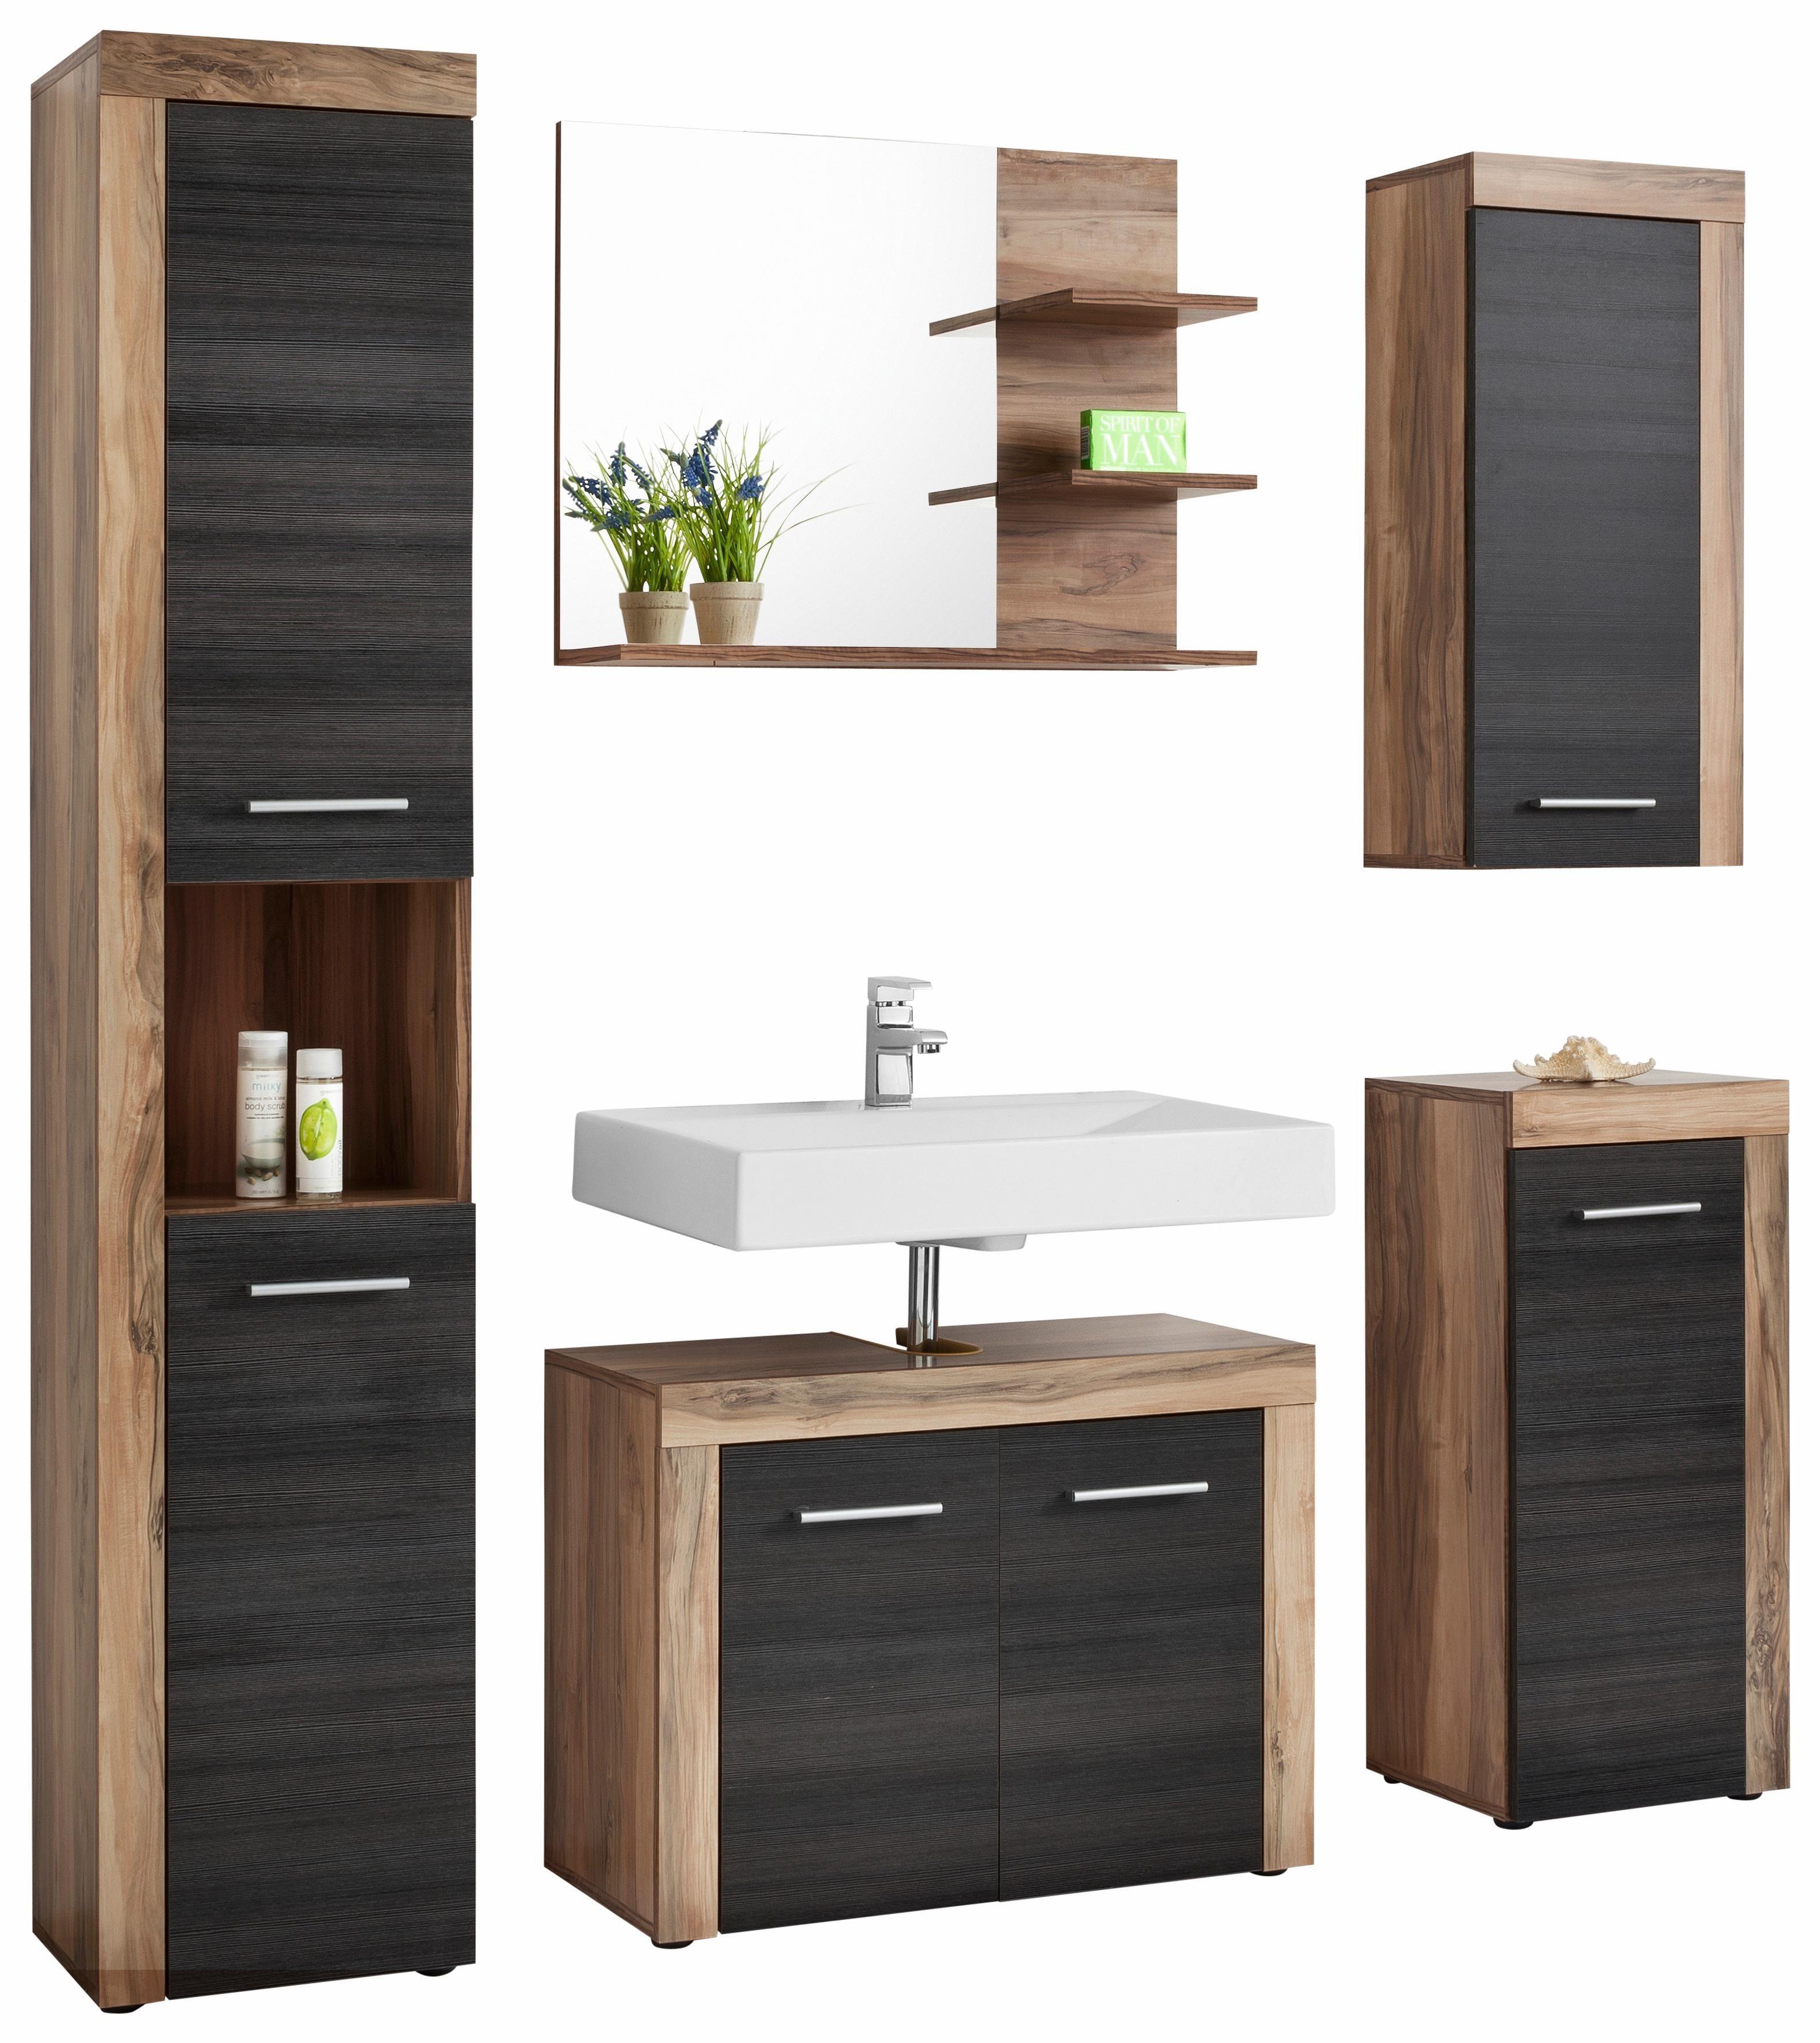 kosmetikspiegel beleuchtet 7 fach preisvergleich die besten angebote online kaufen. Black Bedroom Furniture Sets. Home Design Ideas